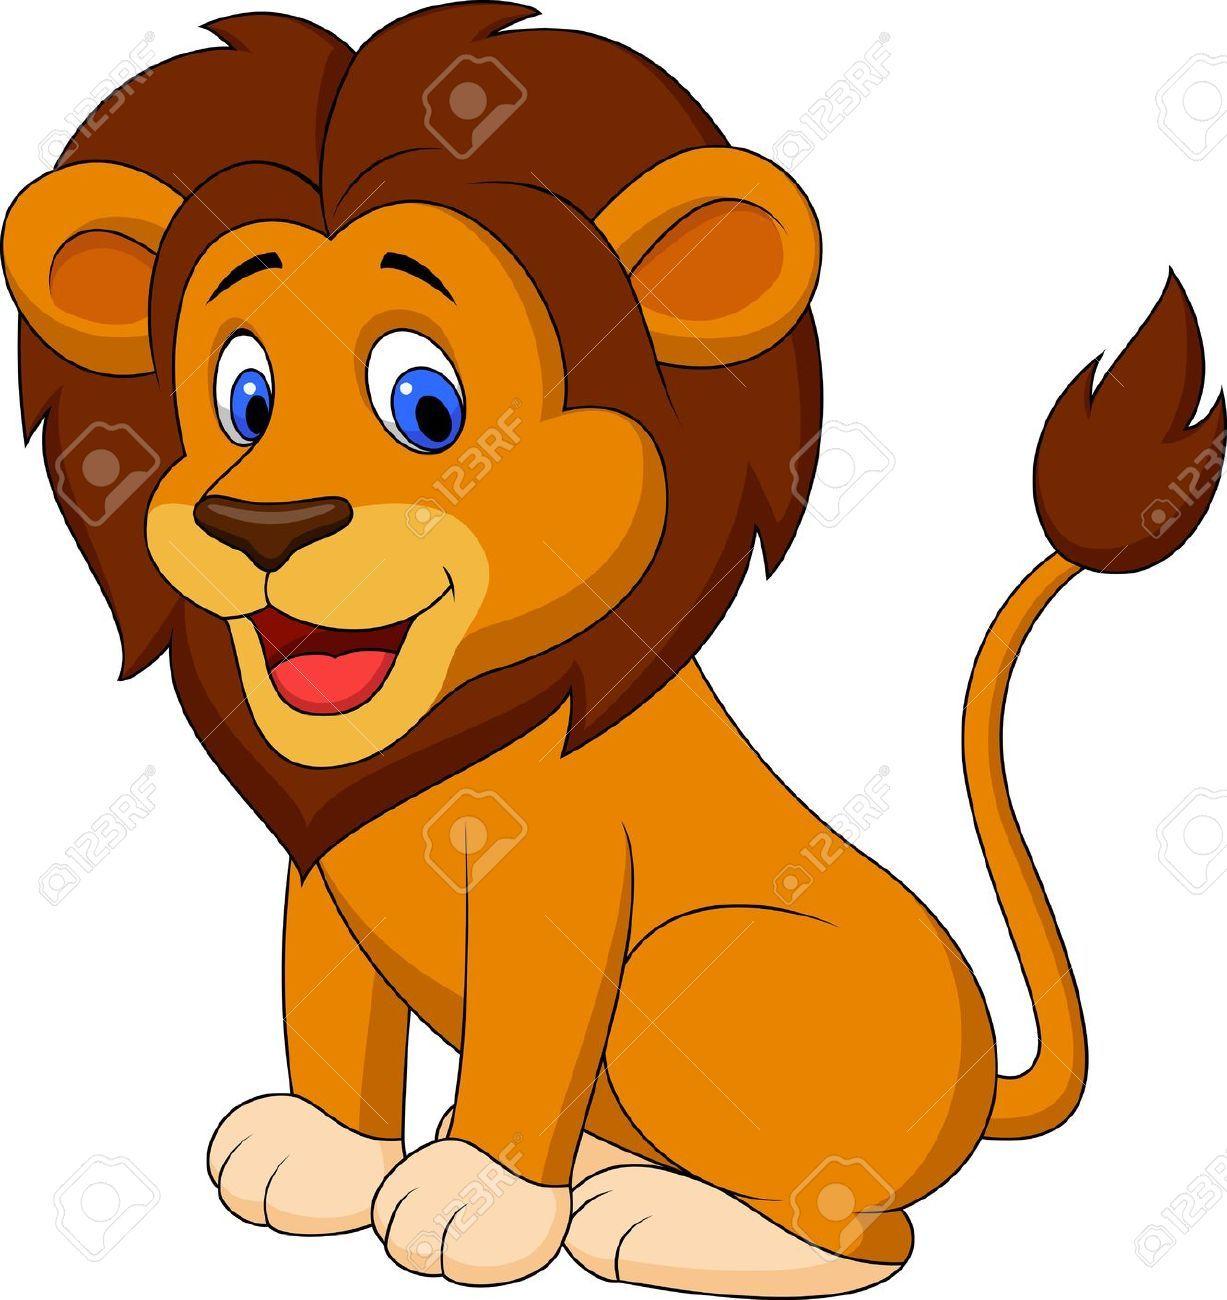 Lion goofy ghent elem. Lions clipart